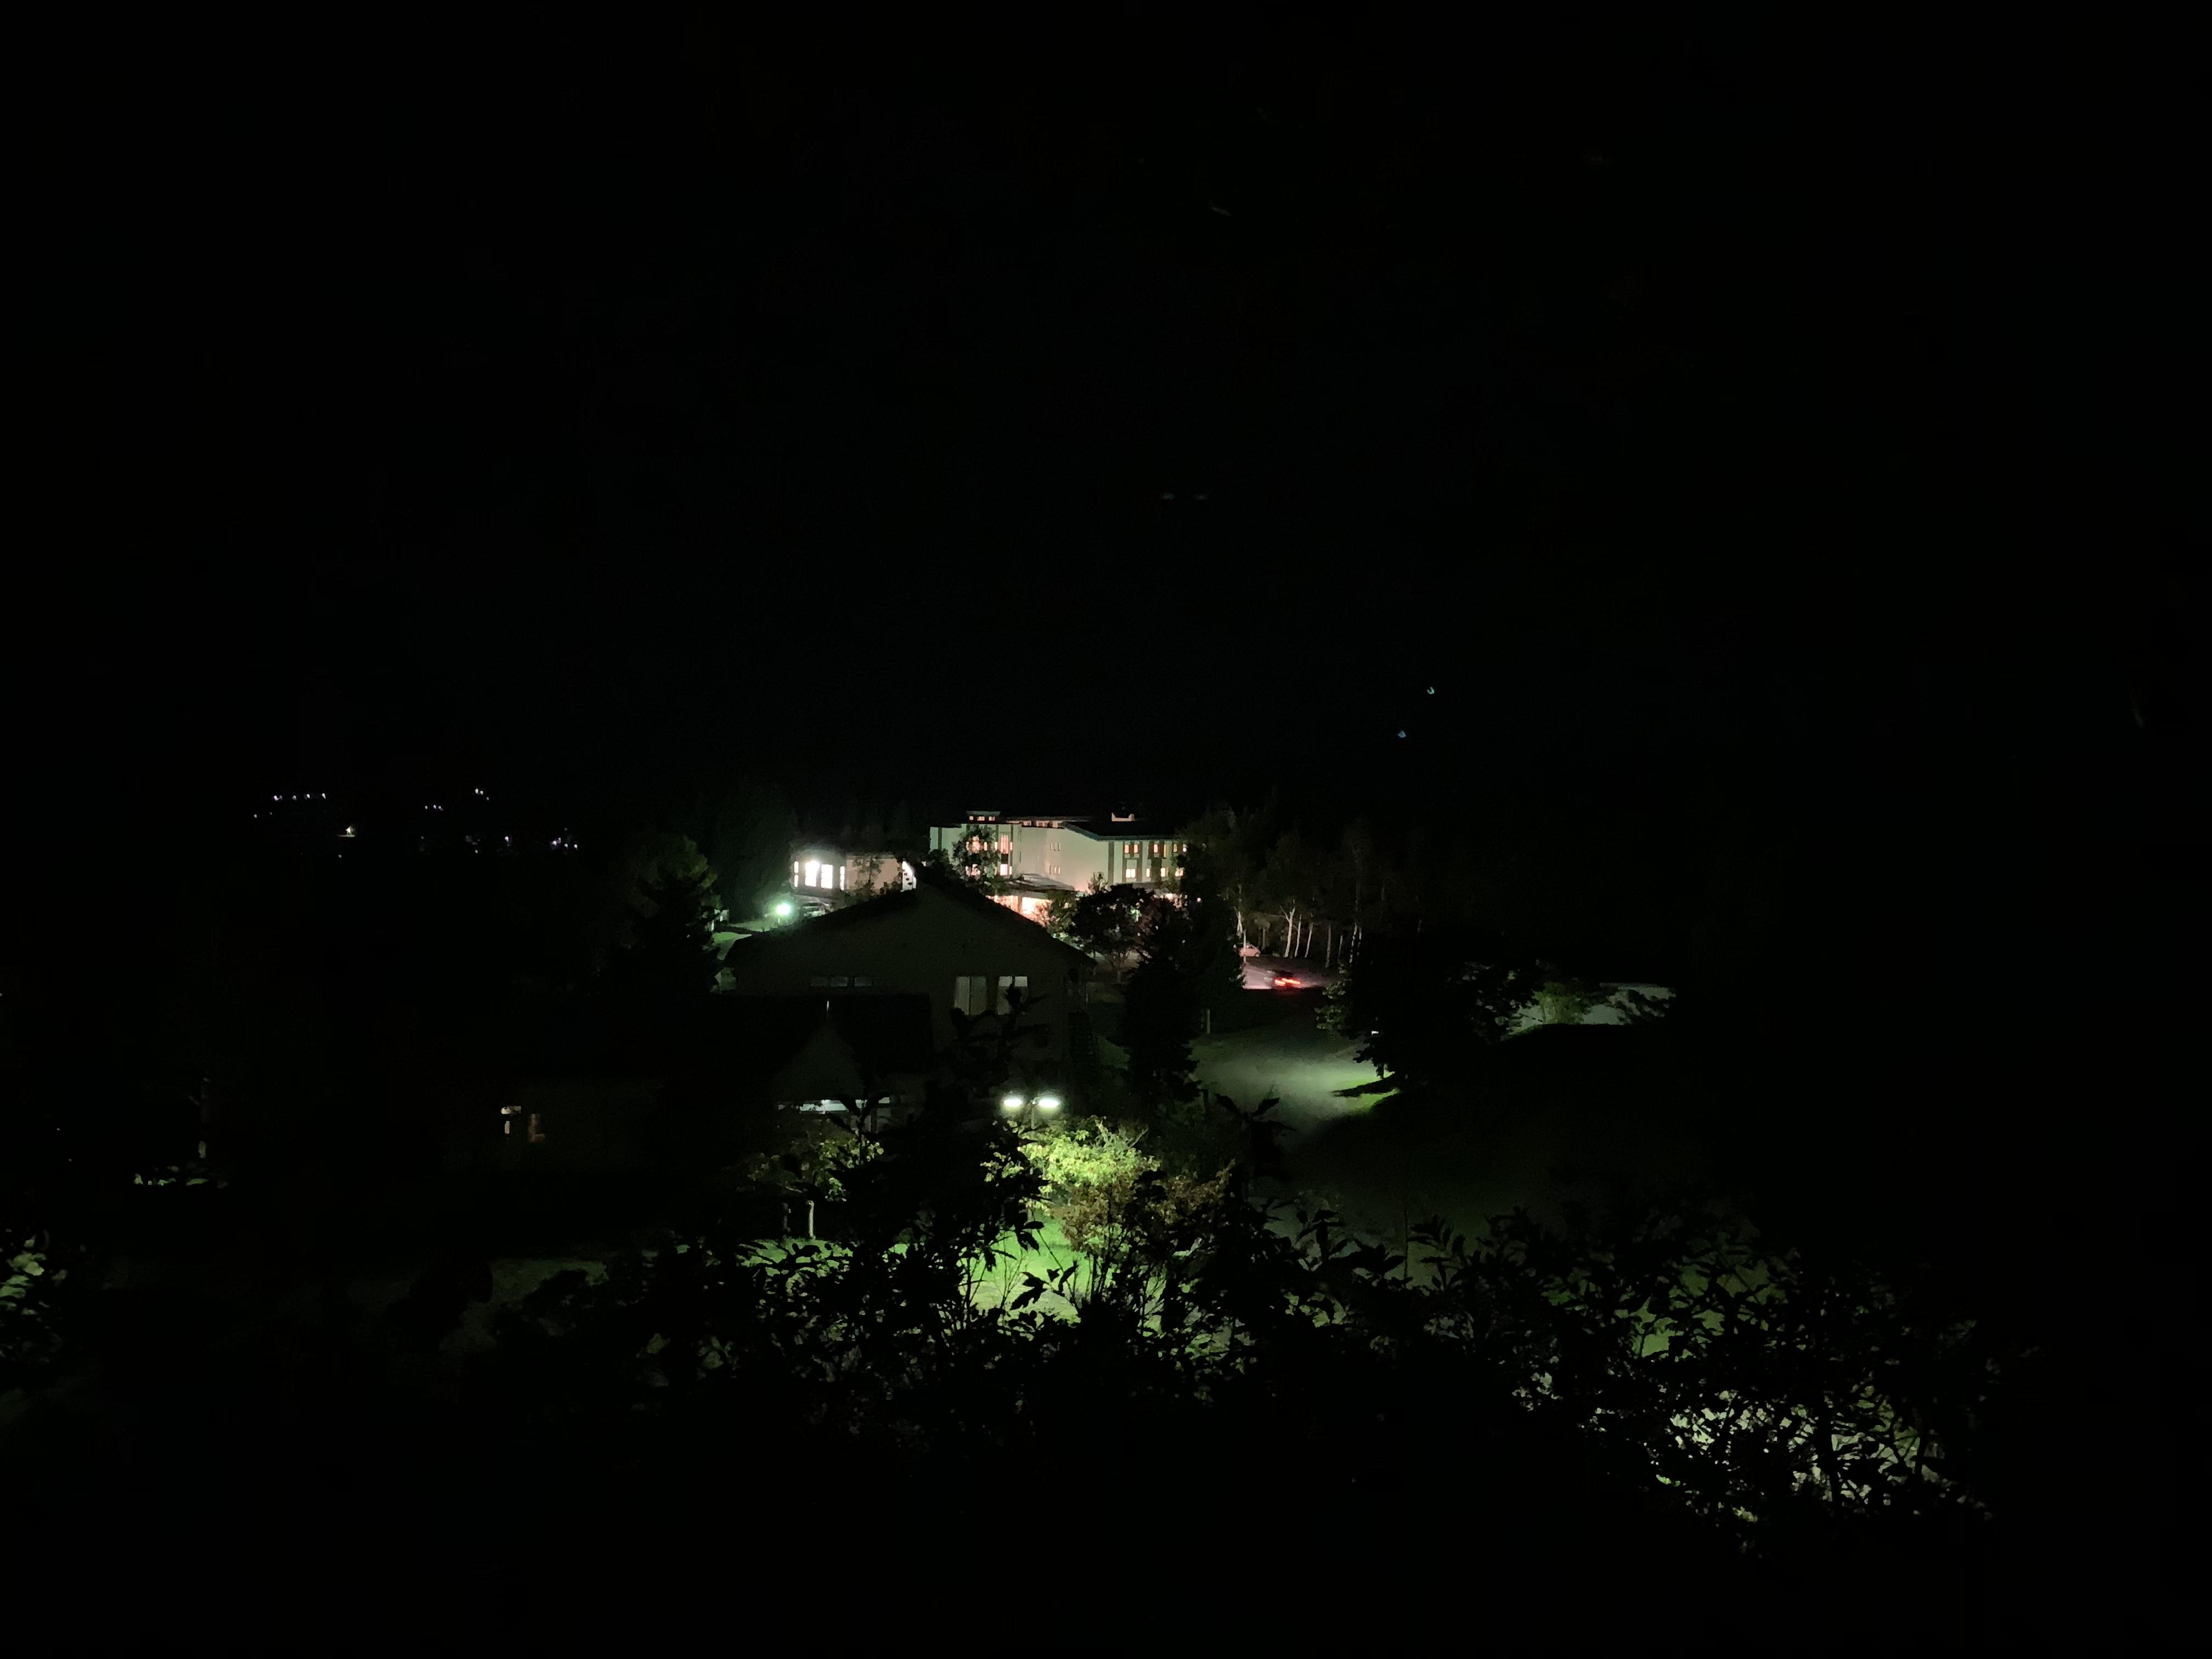 天文台からホテルを撮影した写真